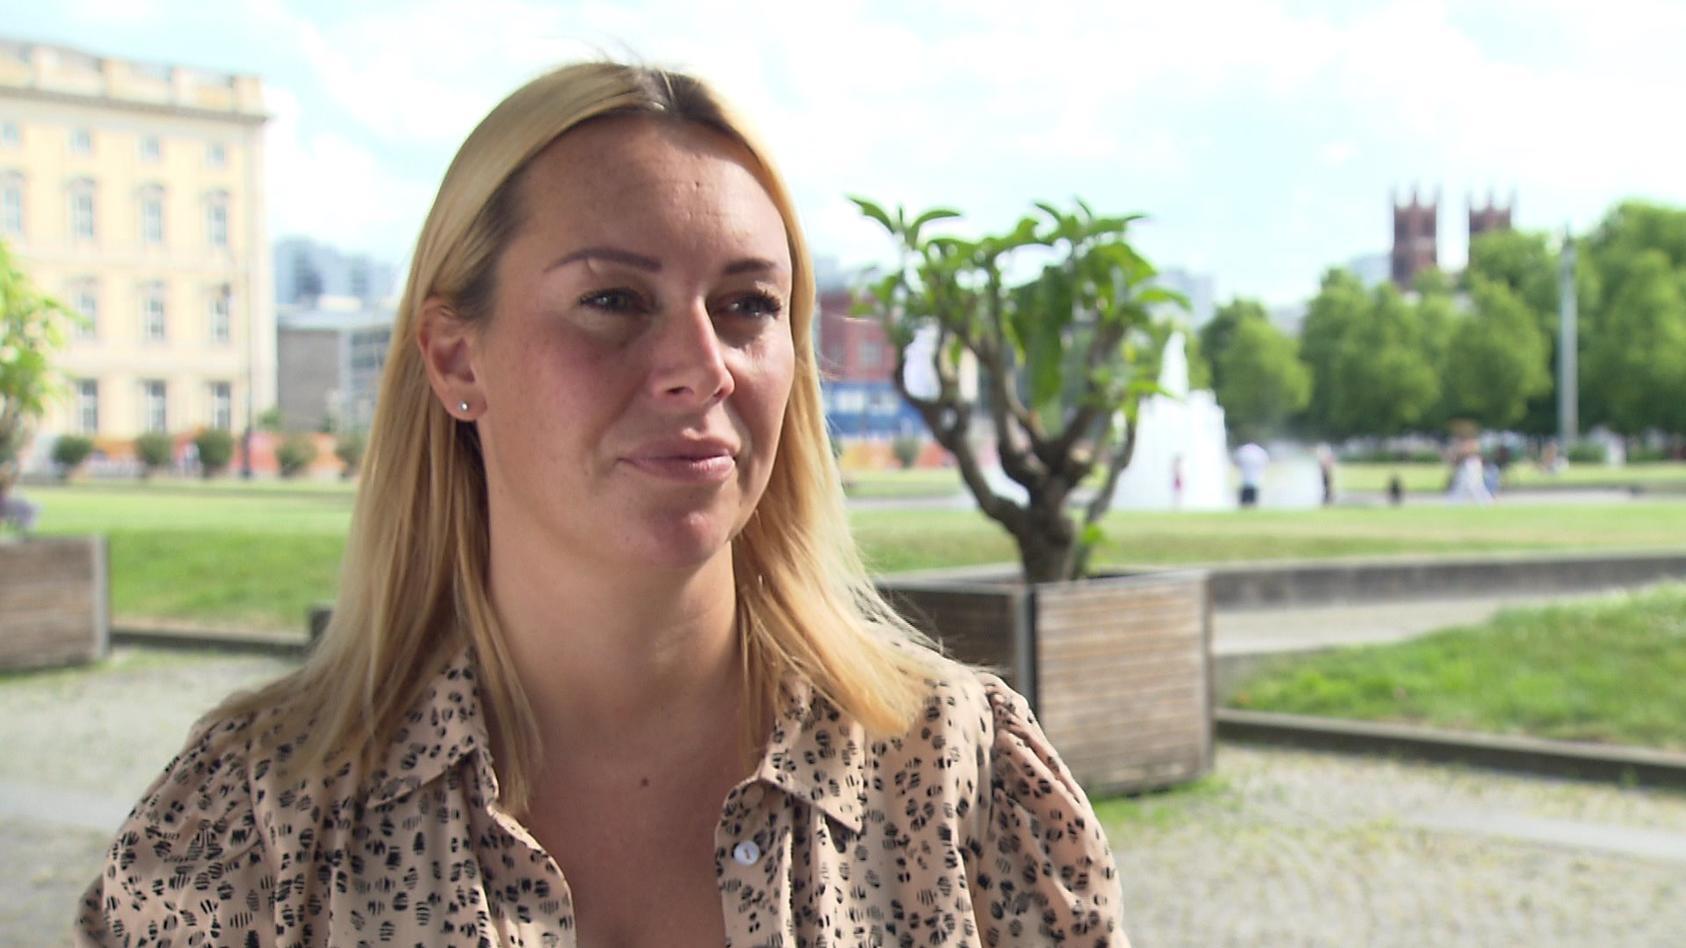 influencerin-julia-holz-spricht-offen-uber-ihre-krebserkrankung